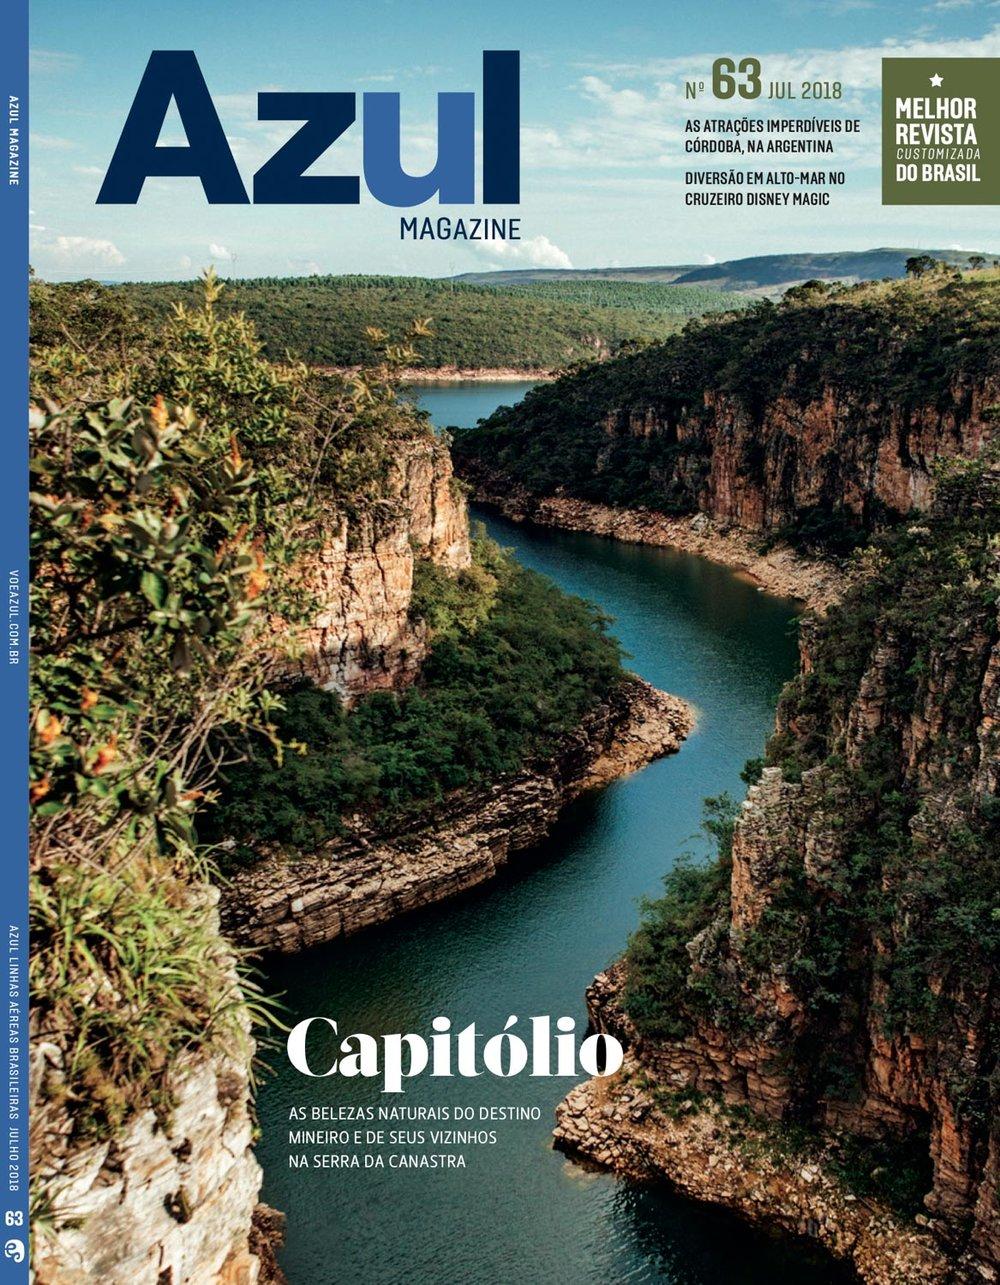 Azul Magazine - Capitolio_AngeloDalBo_01.jpg